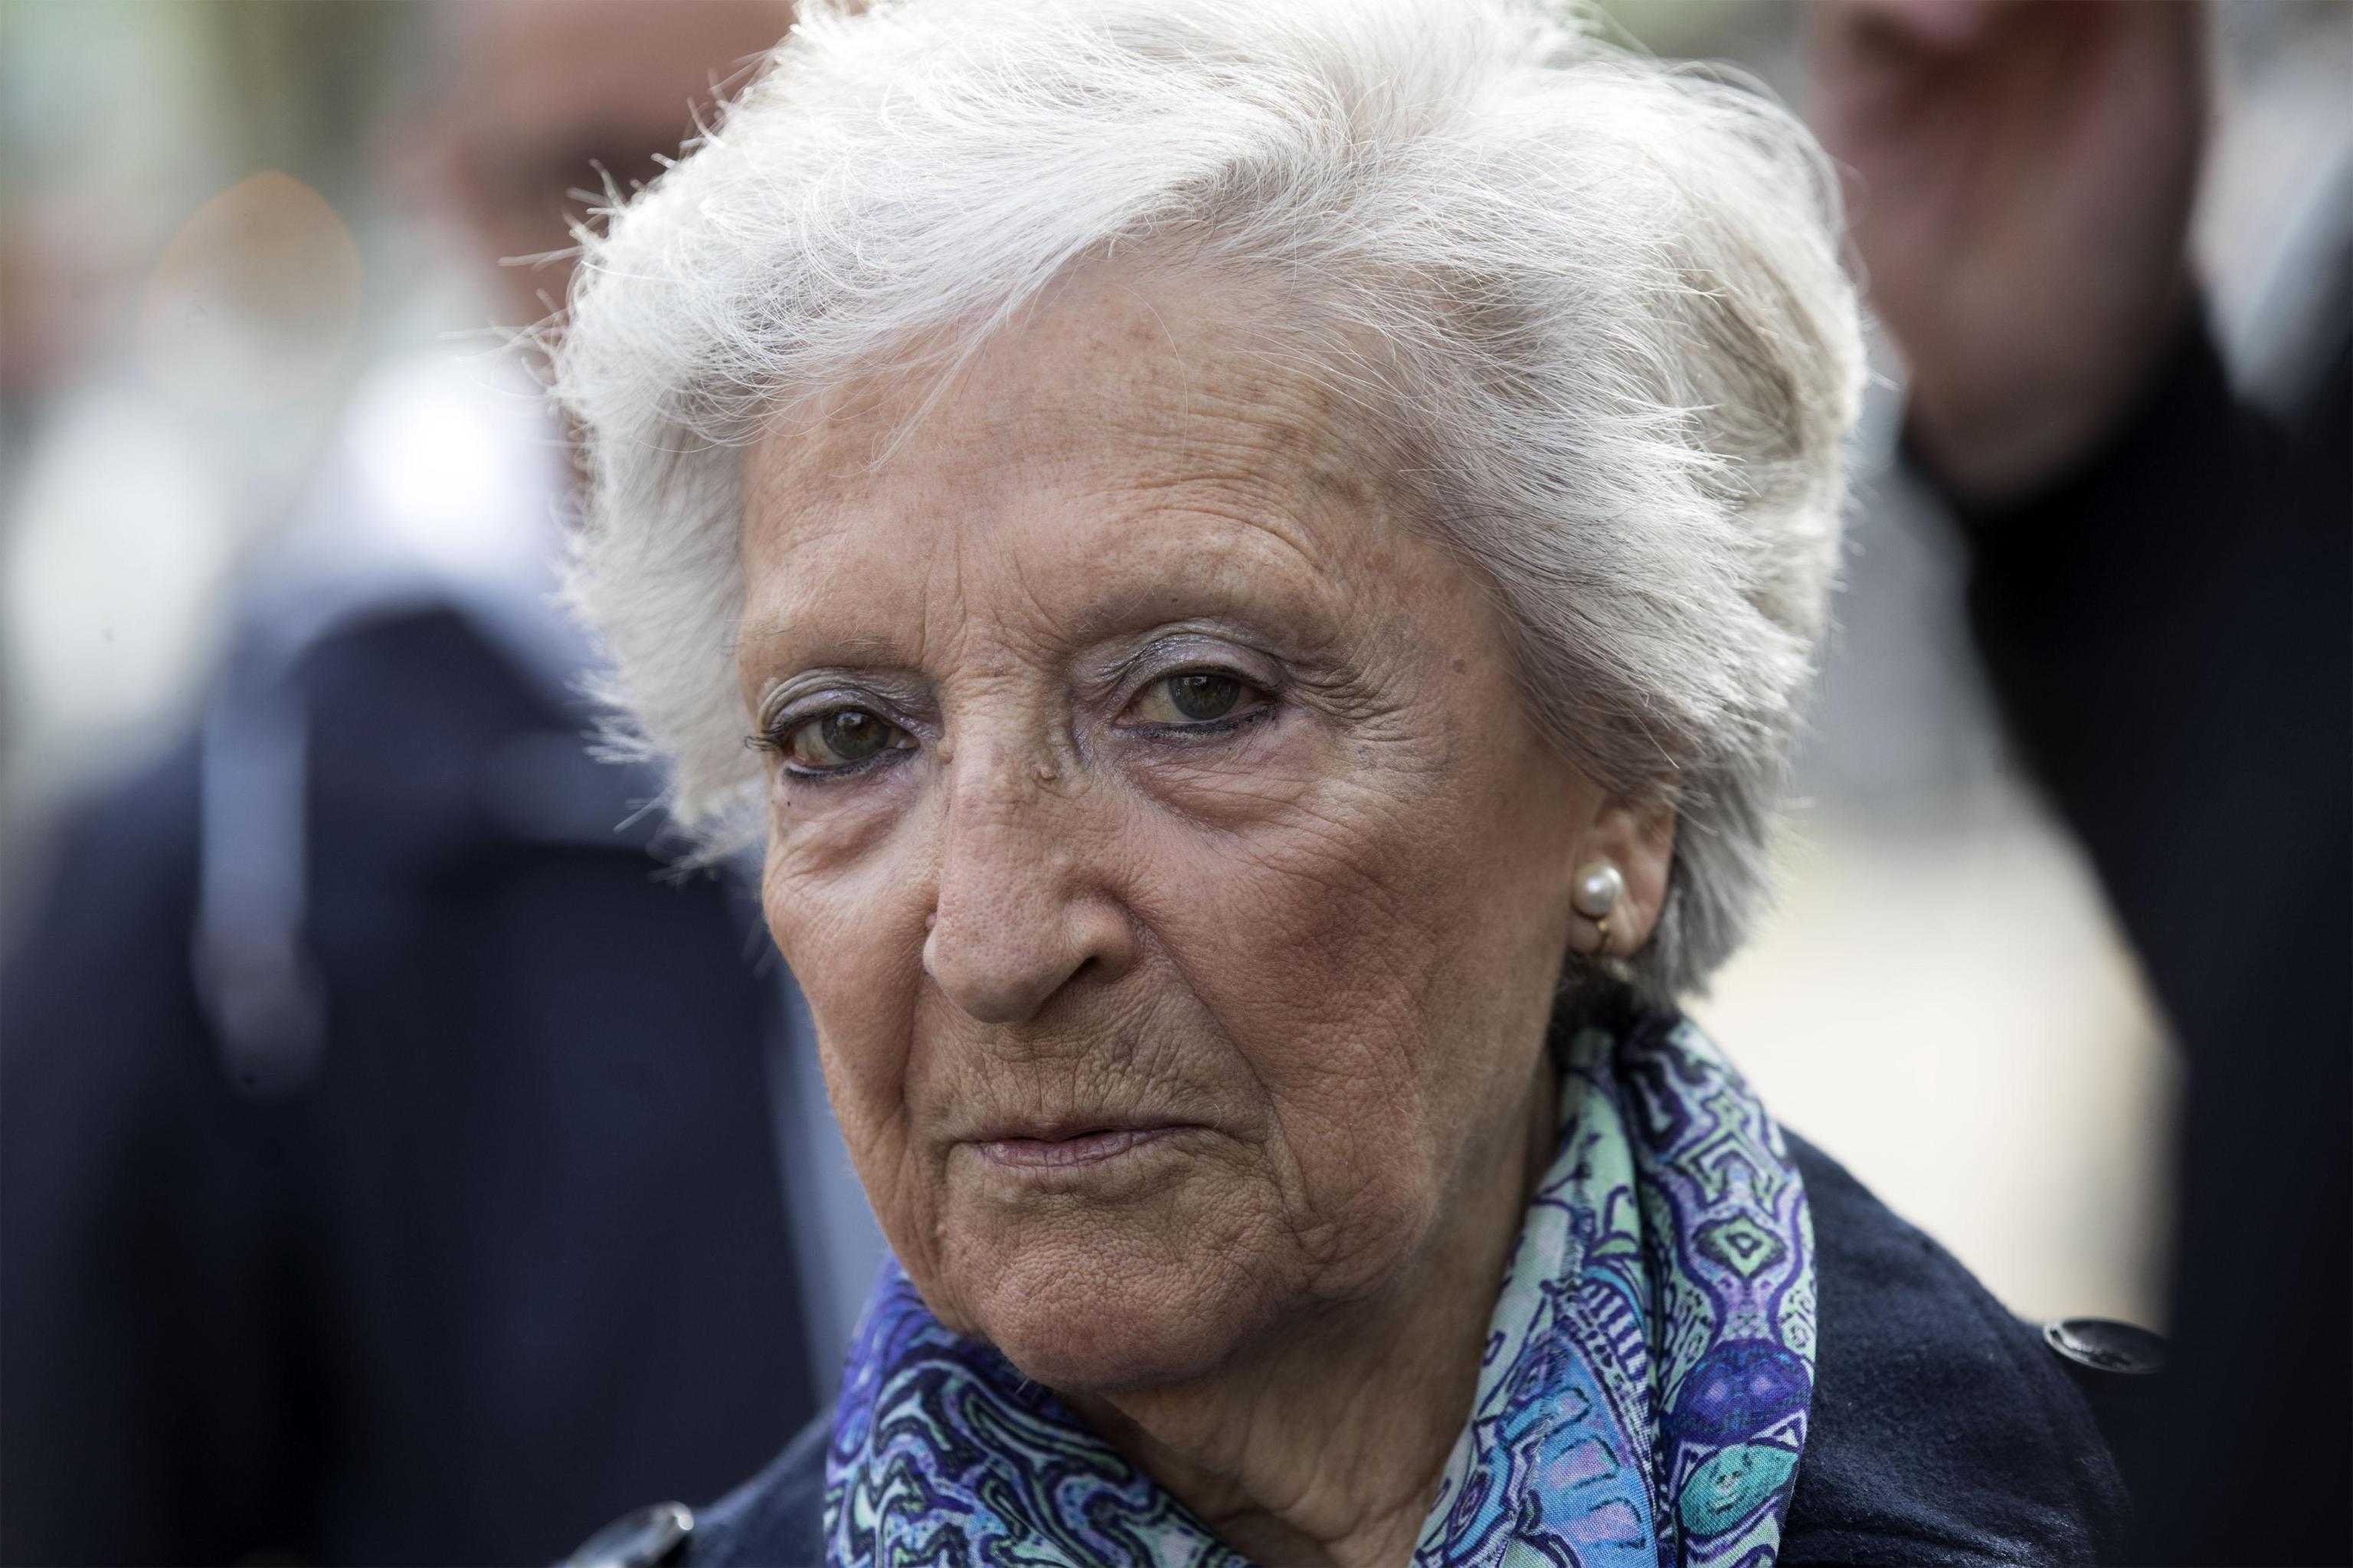 Morta Luciana Alpi, la madre di Ilaria, la giornalista uccisa 24 anni fa